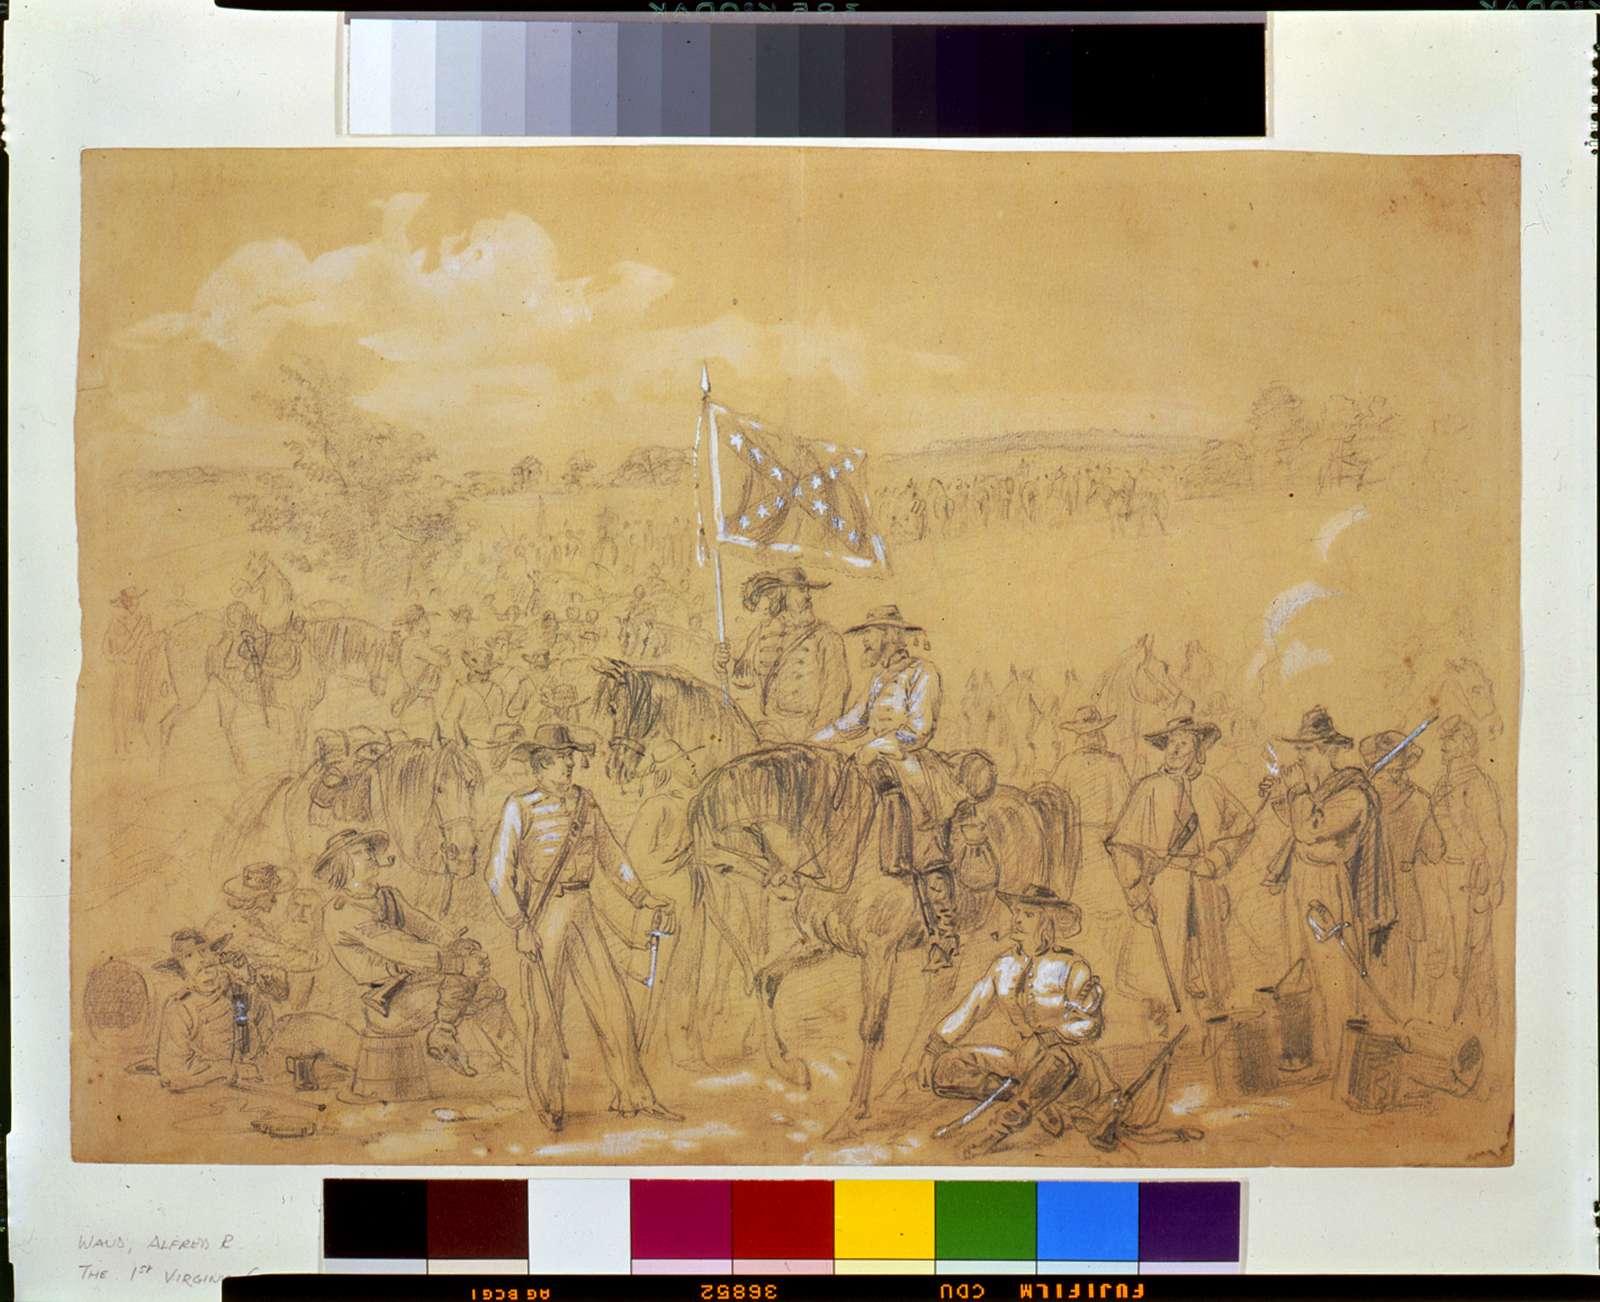 [The 1st Virginia Cavalry at a halt]